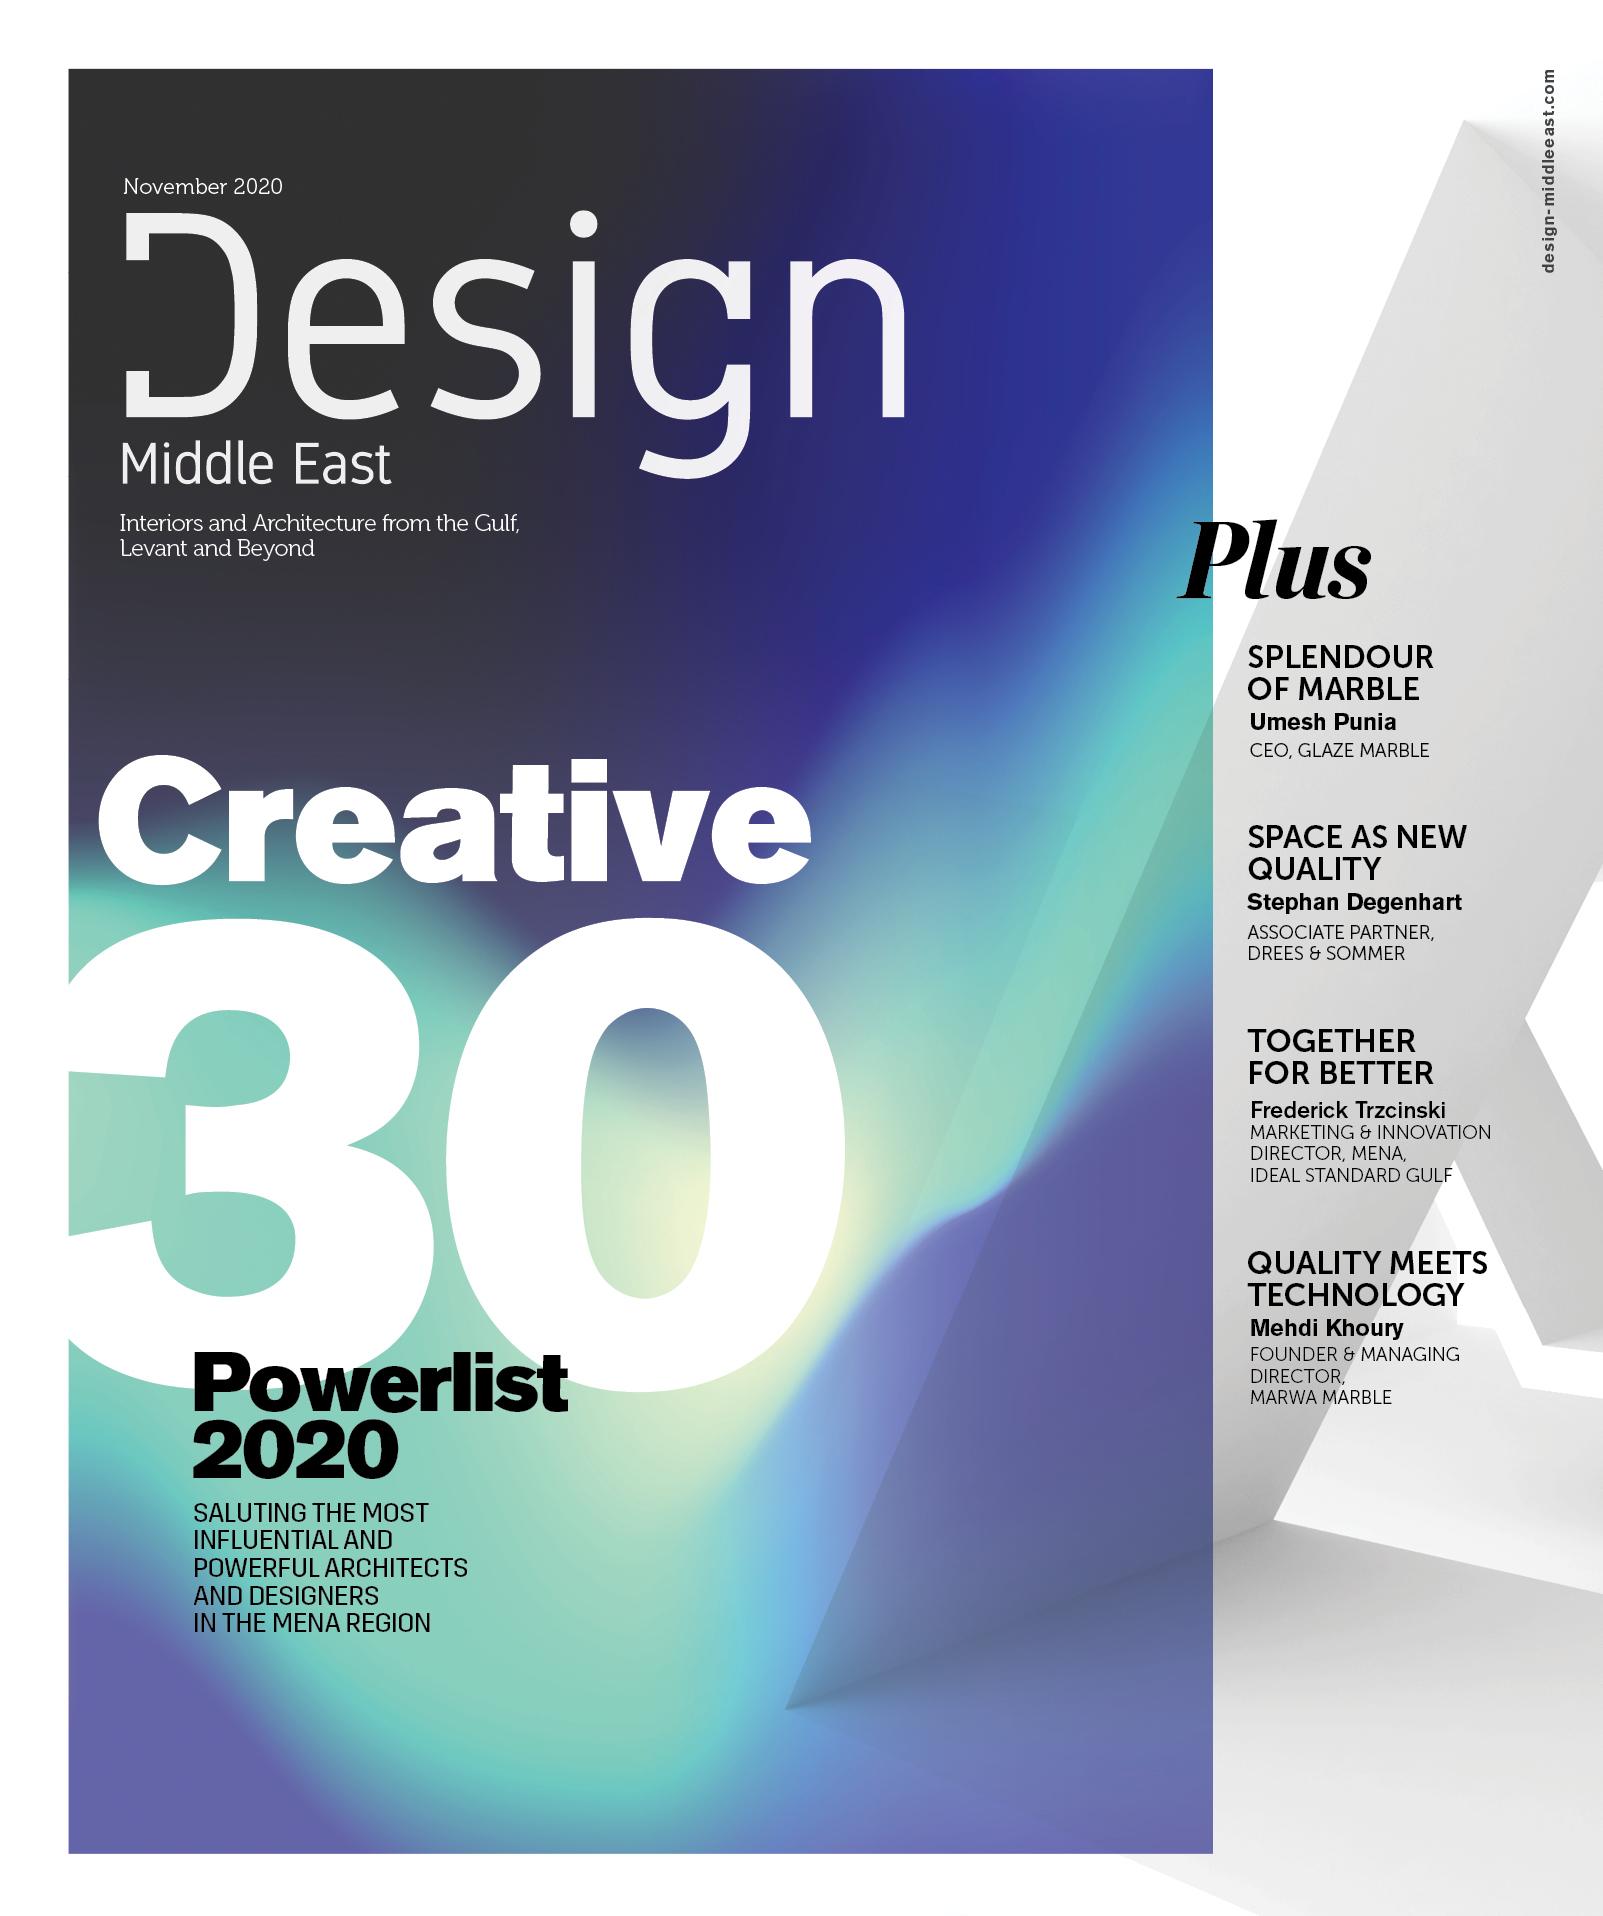 Design Middle East November 2020